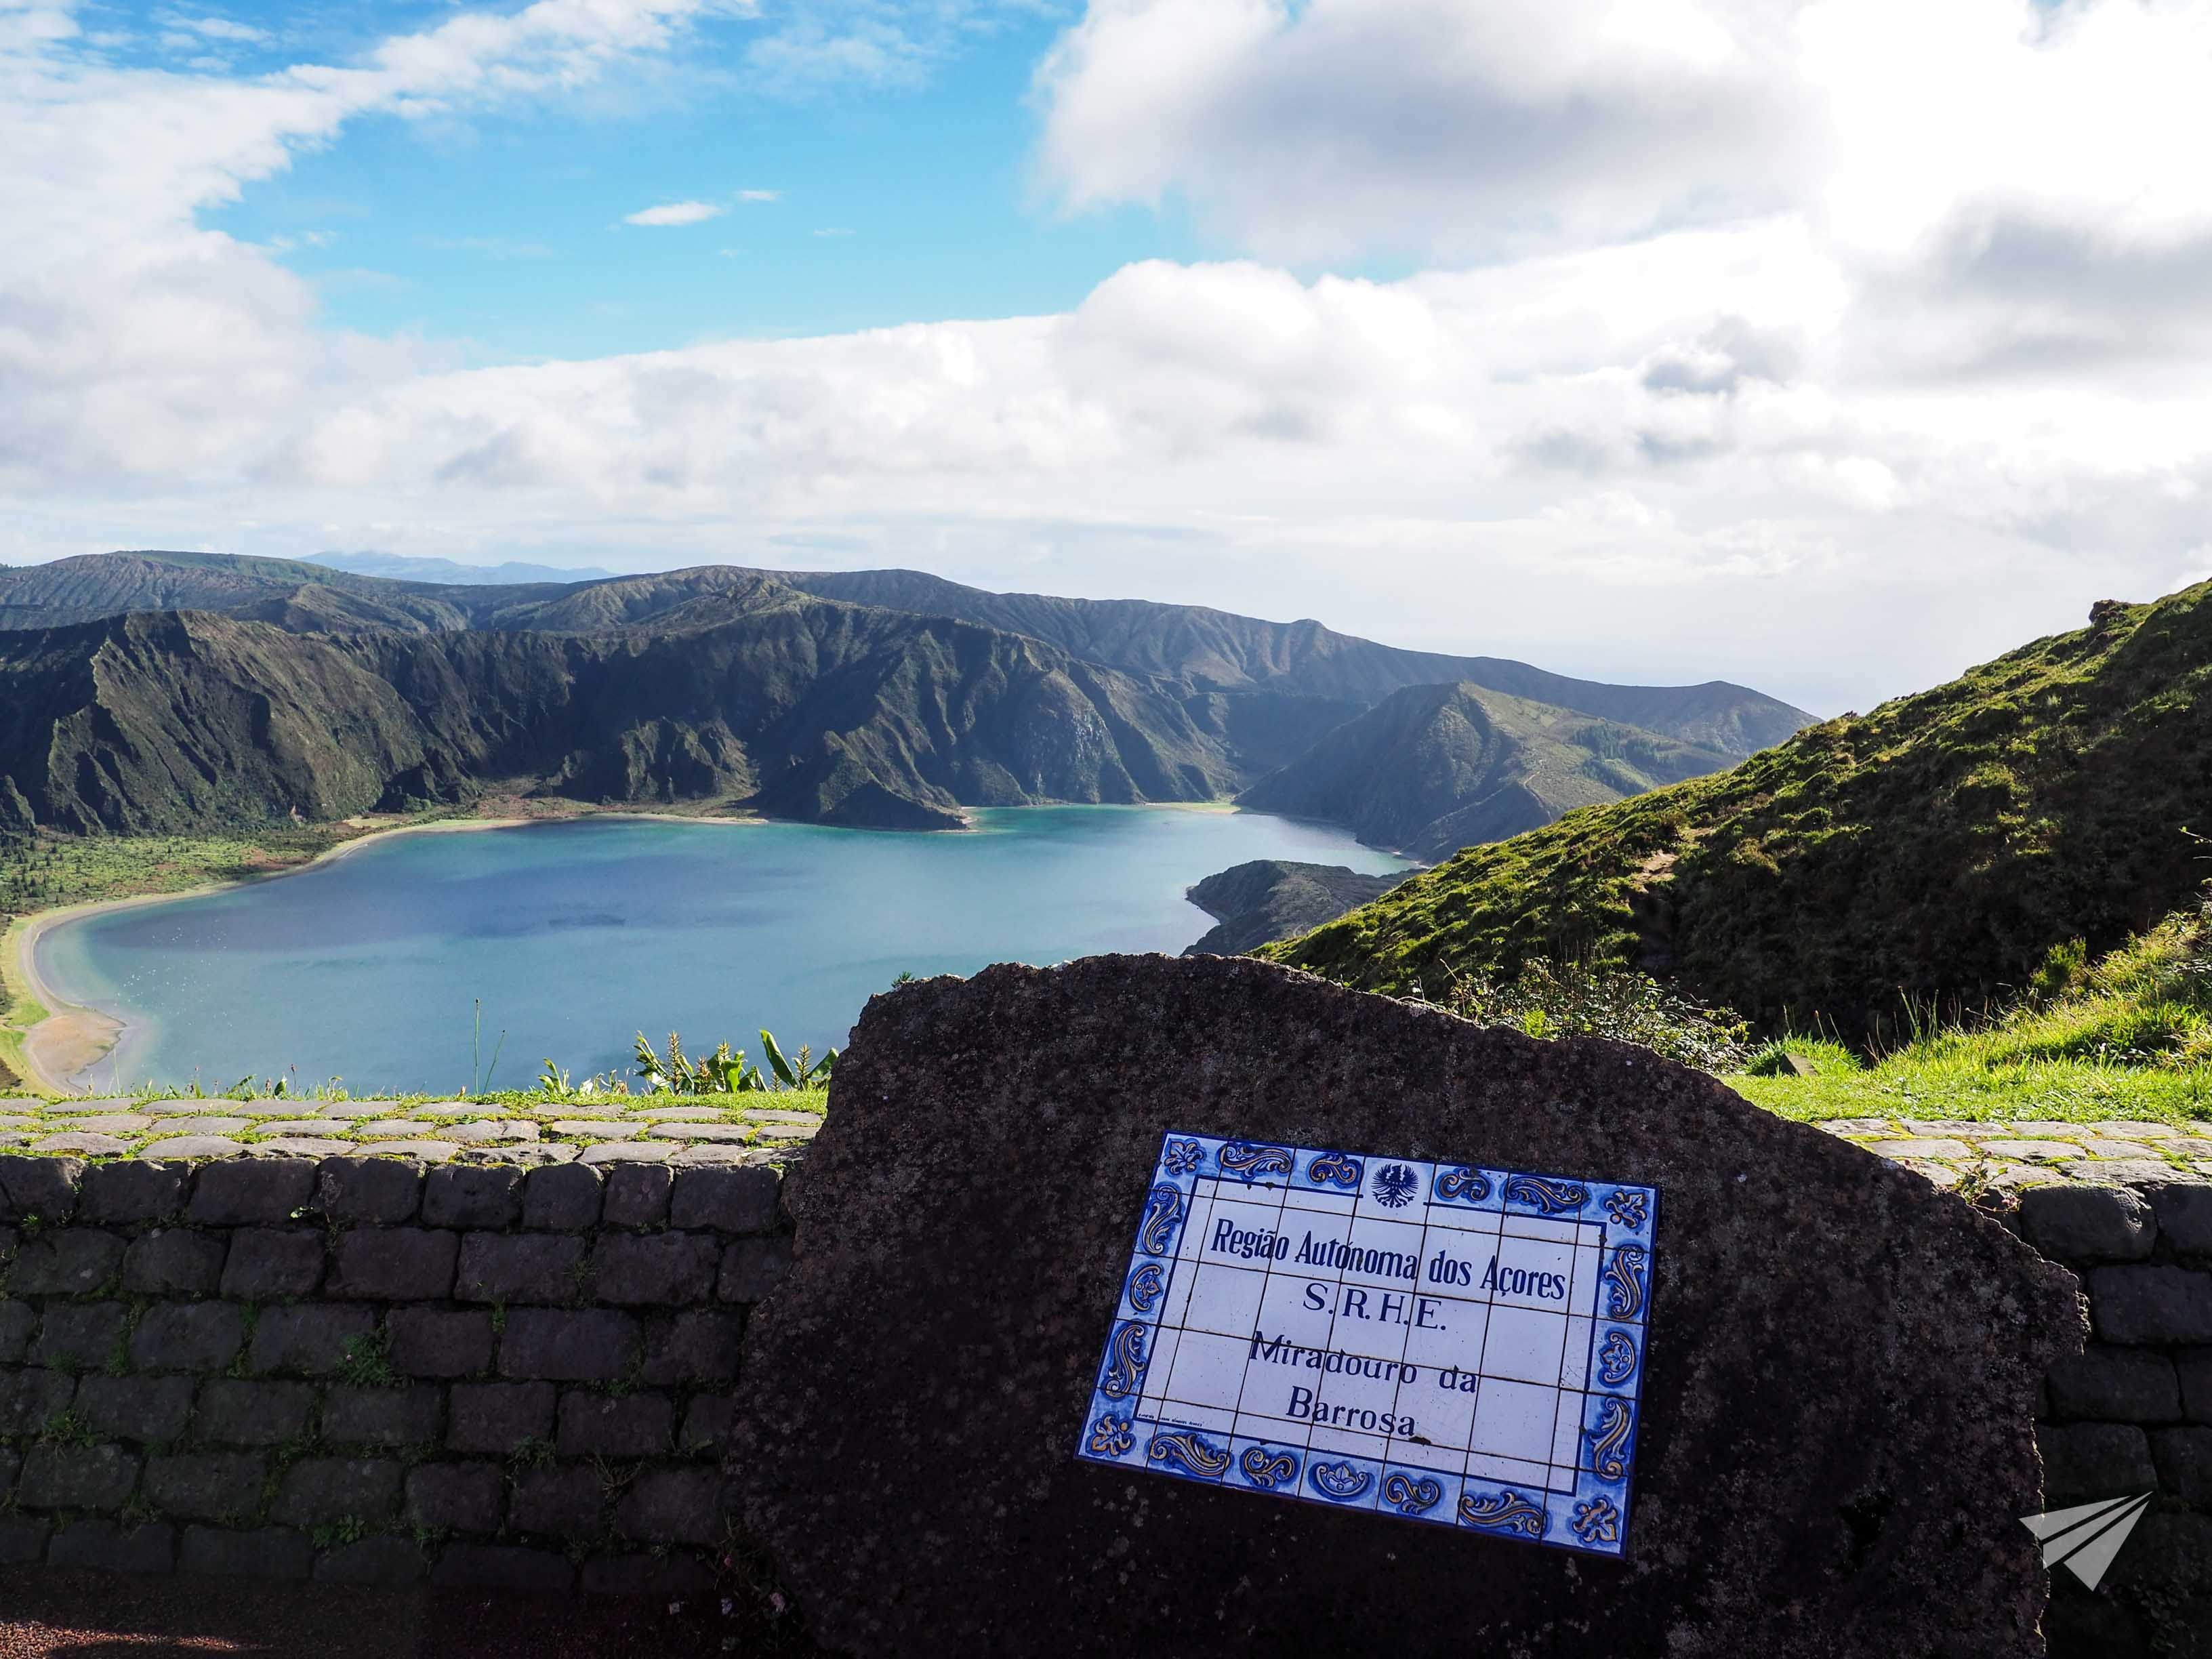 Miradouro do Pico da Barrosa